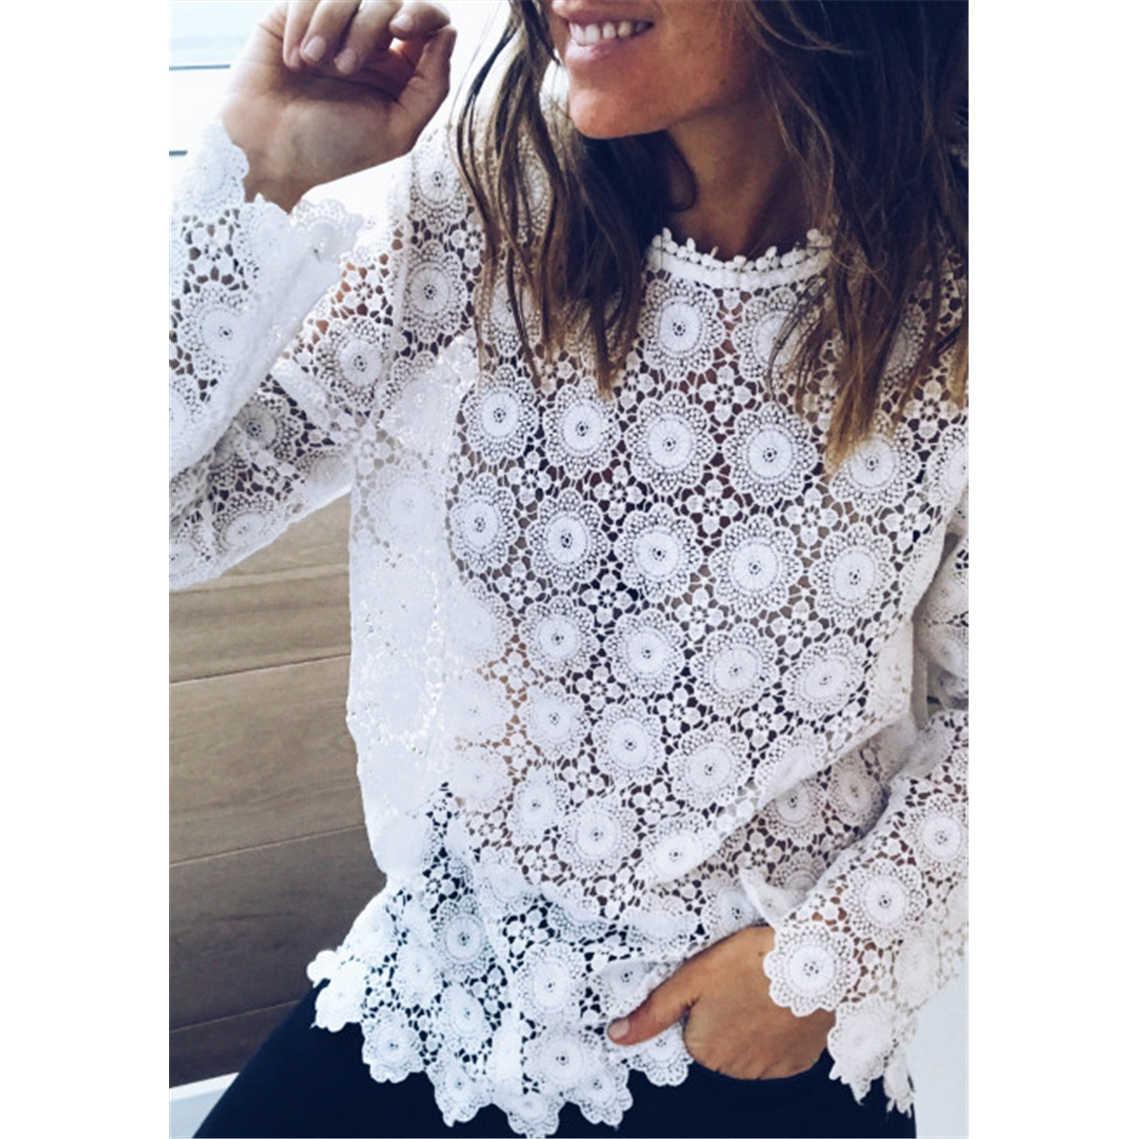 Moda Kadın Boho Plaj Tatil Yaz Gevşek Rahat Şifon Dantel Çiçek Oyalamak Beyaz Tops Femme kadın file sutyen Bluz